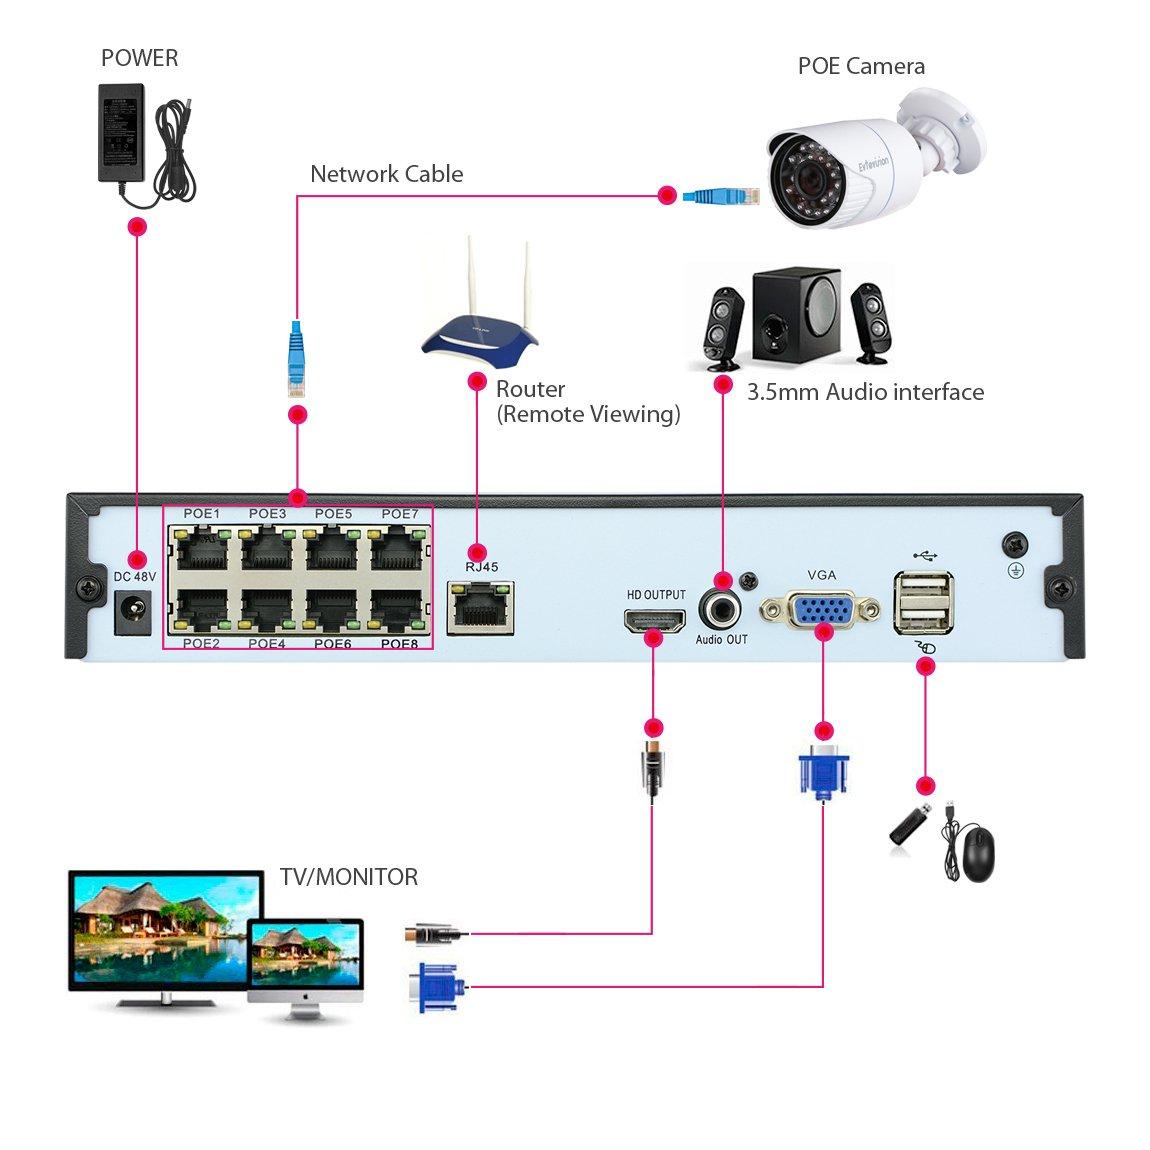 Detecci/ón de Movimiento H.265 CCTV NVR Soporte Onvif P2P F/ácil Acceso Remoto Desde el m/óvil//PC Sin HDD Evtevision 16 Canal 5MP Network Video Recorder with 8 PoE Ports Salida HDMI//VGA